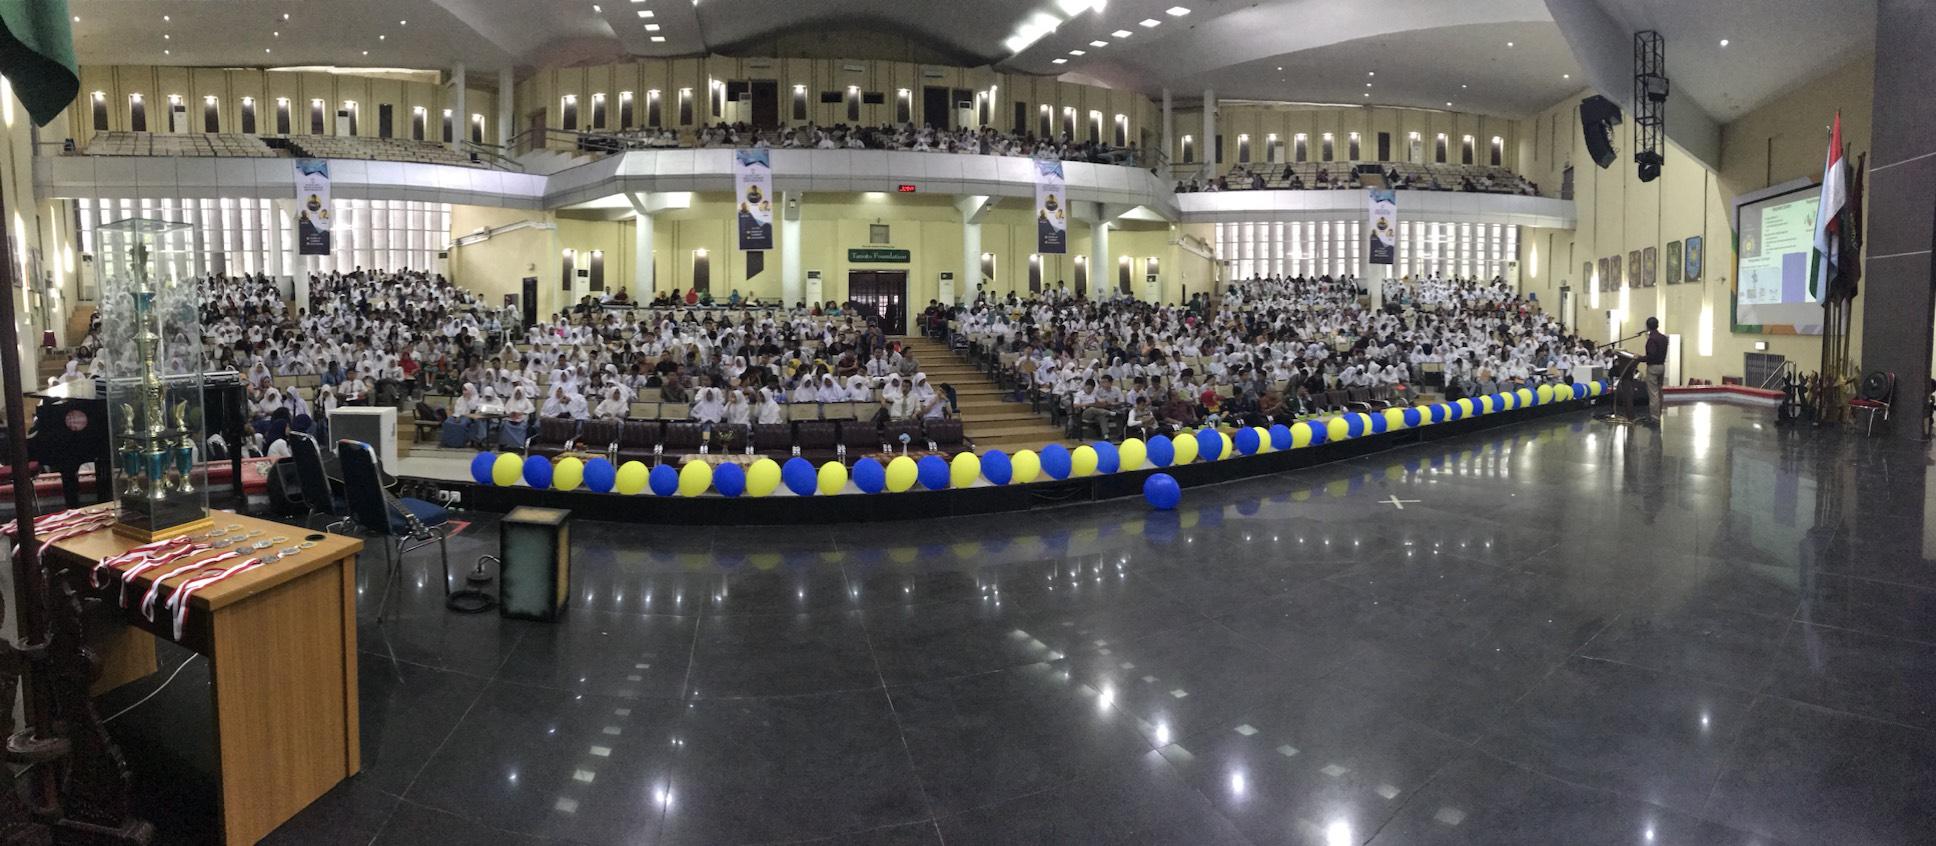 Antusiasme peserta olimpiade Senior High School Competition (SHSC)  terlihat dari banyaknya peserta yang hadir 2 jam sebelum acara dimulai (26/11). Sumber Foto: Panitia Acara